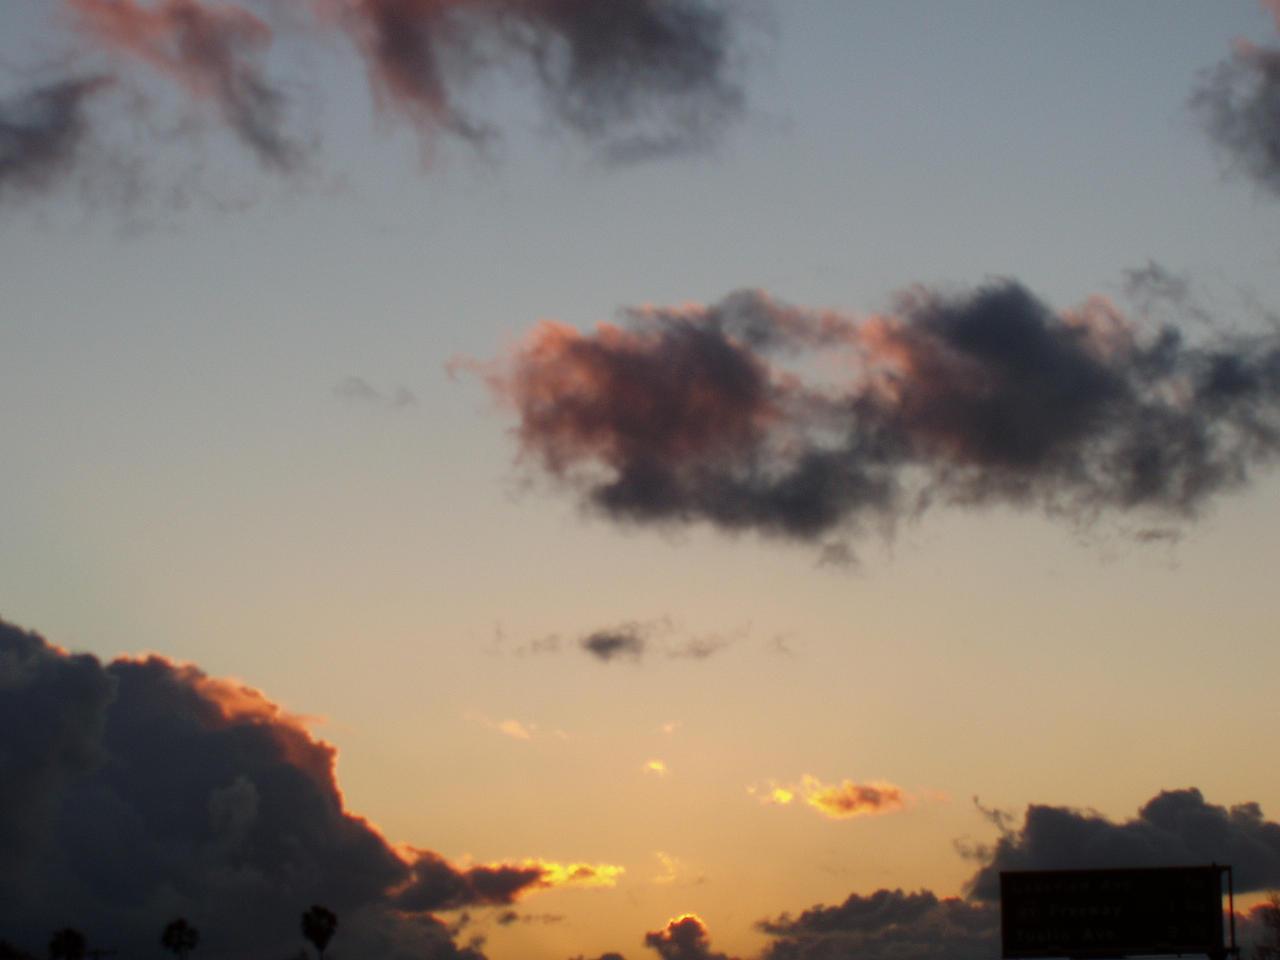 Sunset(1) by Elliesmeria